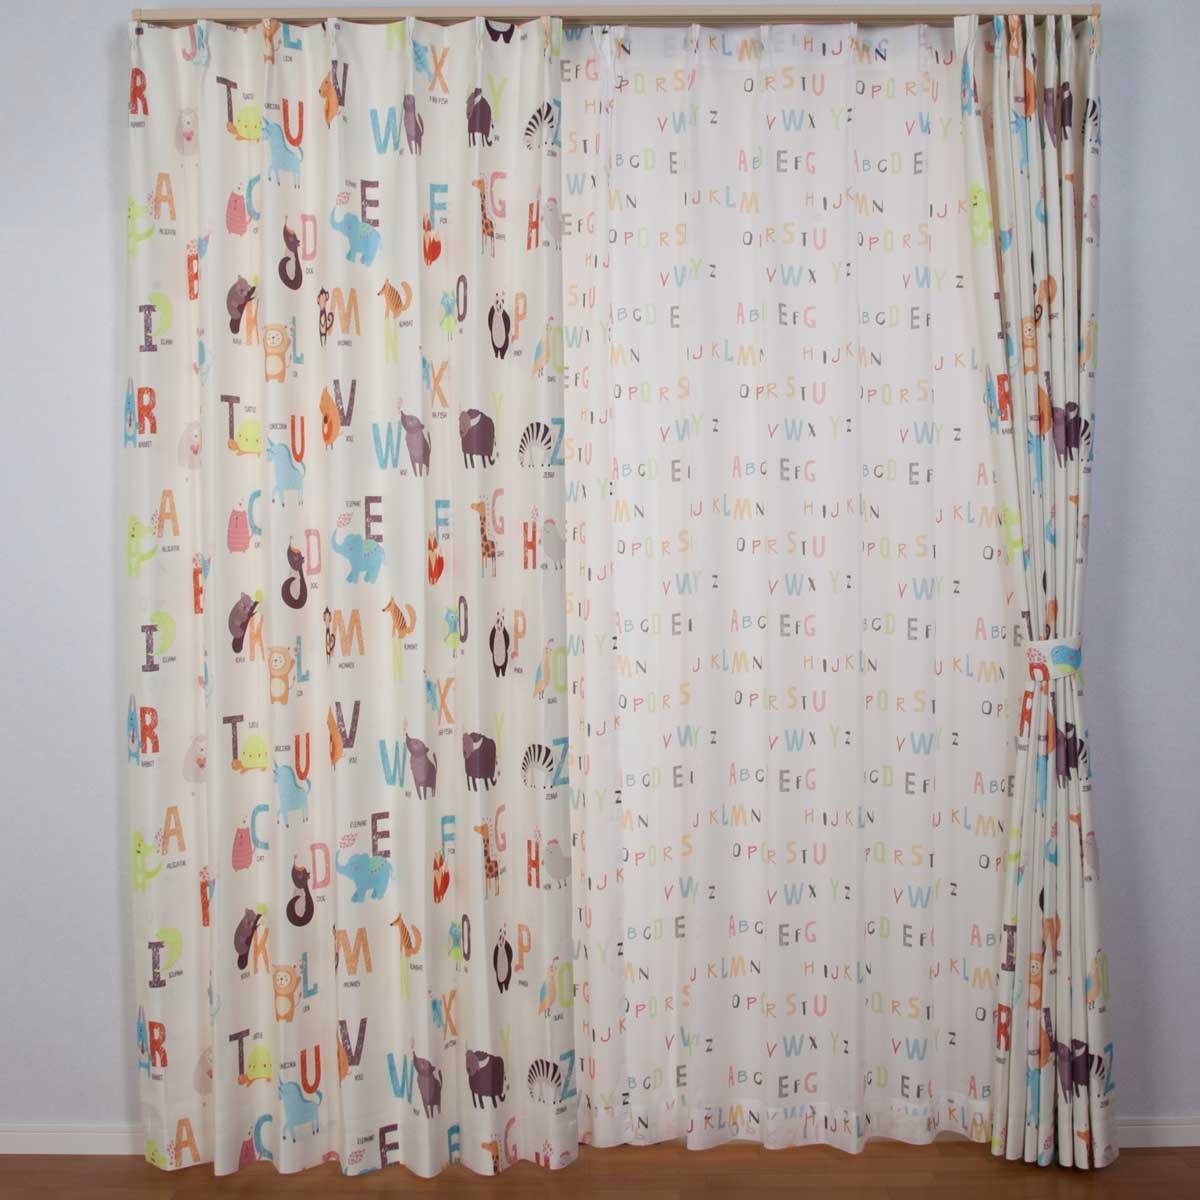 レースカーテン おしゃれ ドウブツノナマエサイズオーダー作成キッズカーテン幅の広さ101cm~200cmまで選べます丈の長さは151cm~180cmまで選べます